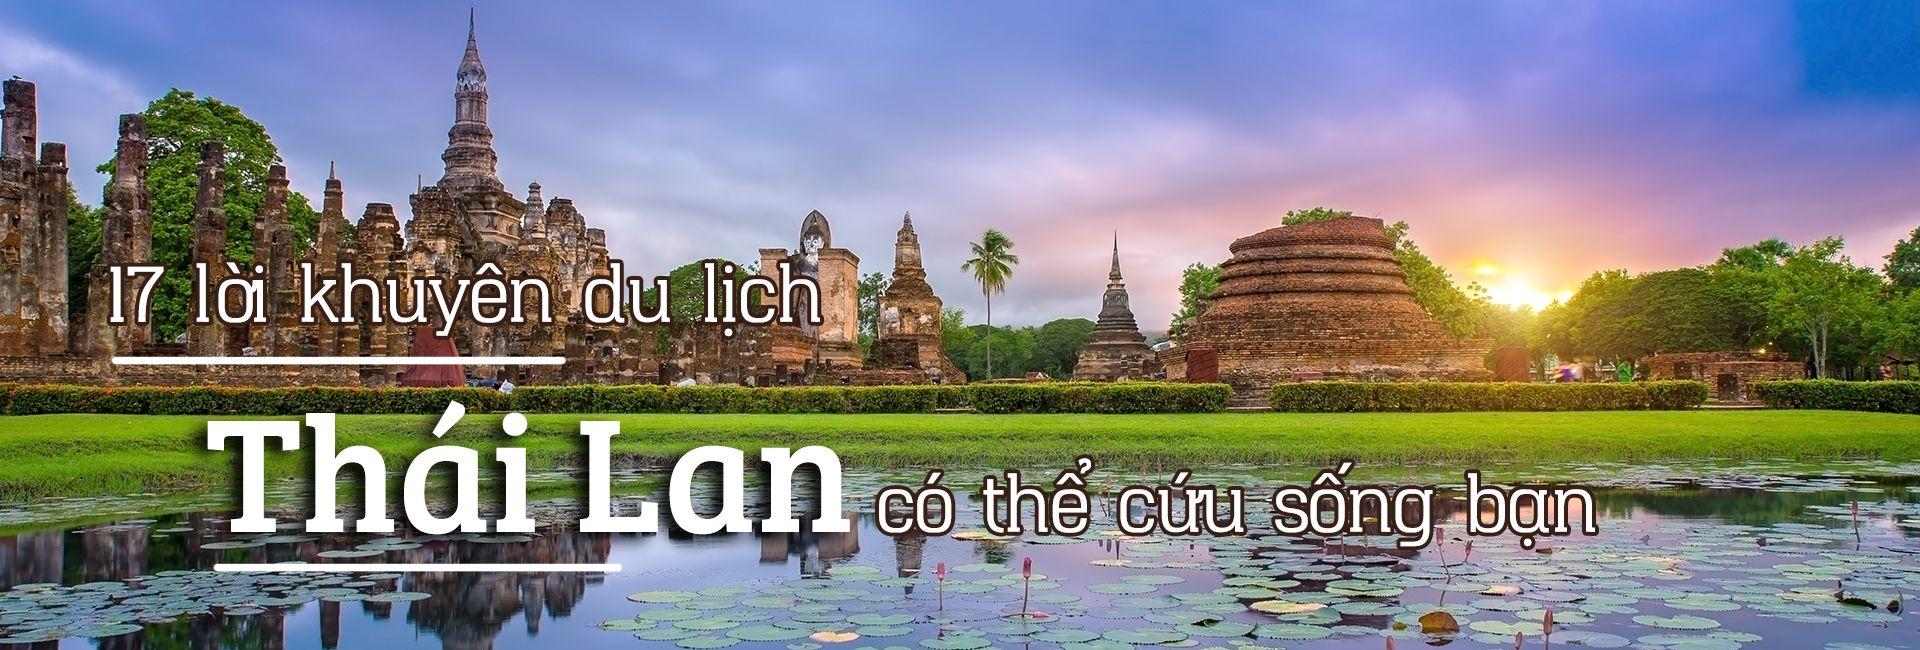 17 lời khuyên du lịch Thái Lan bạn nên ghi nhớ